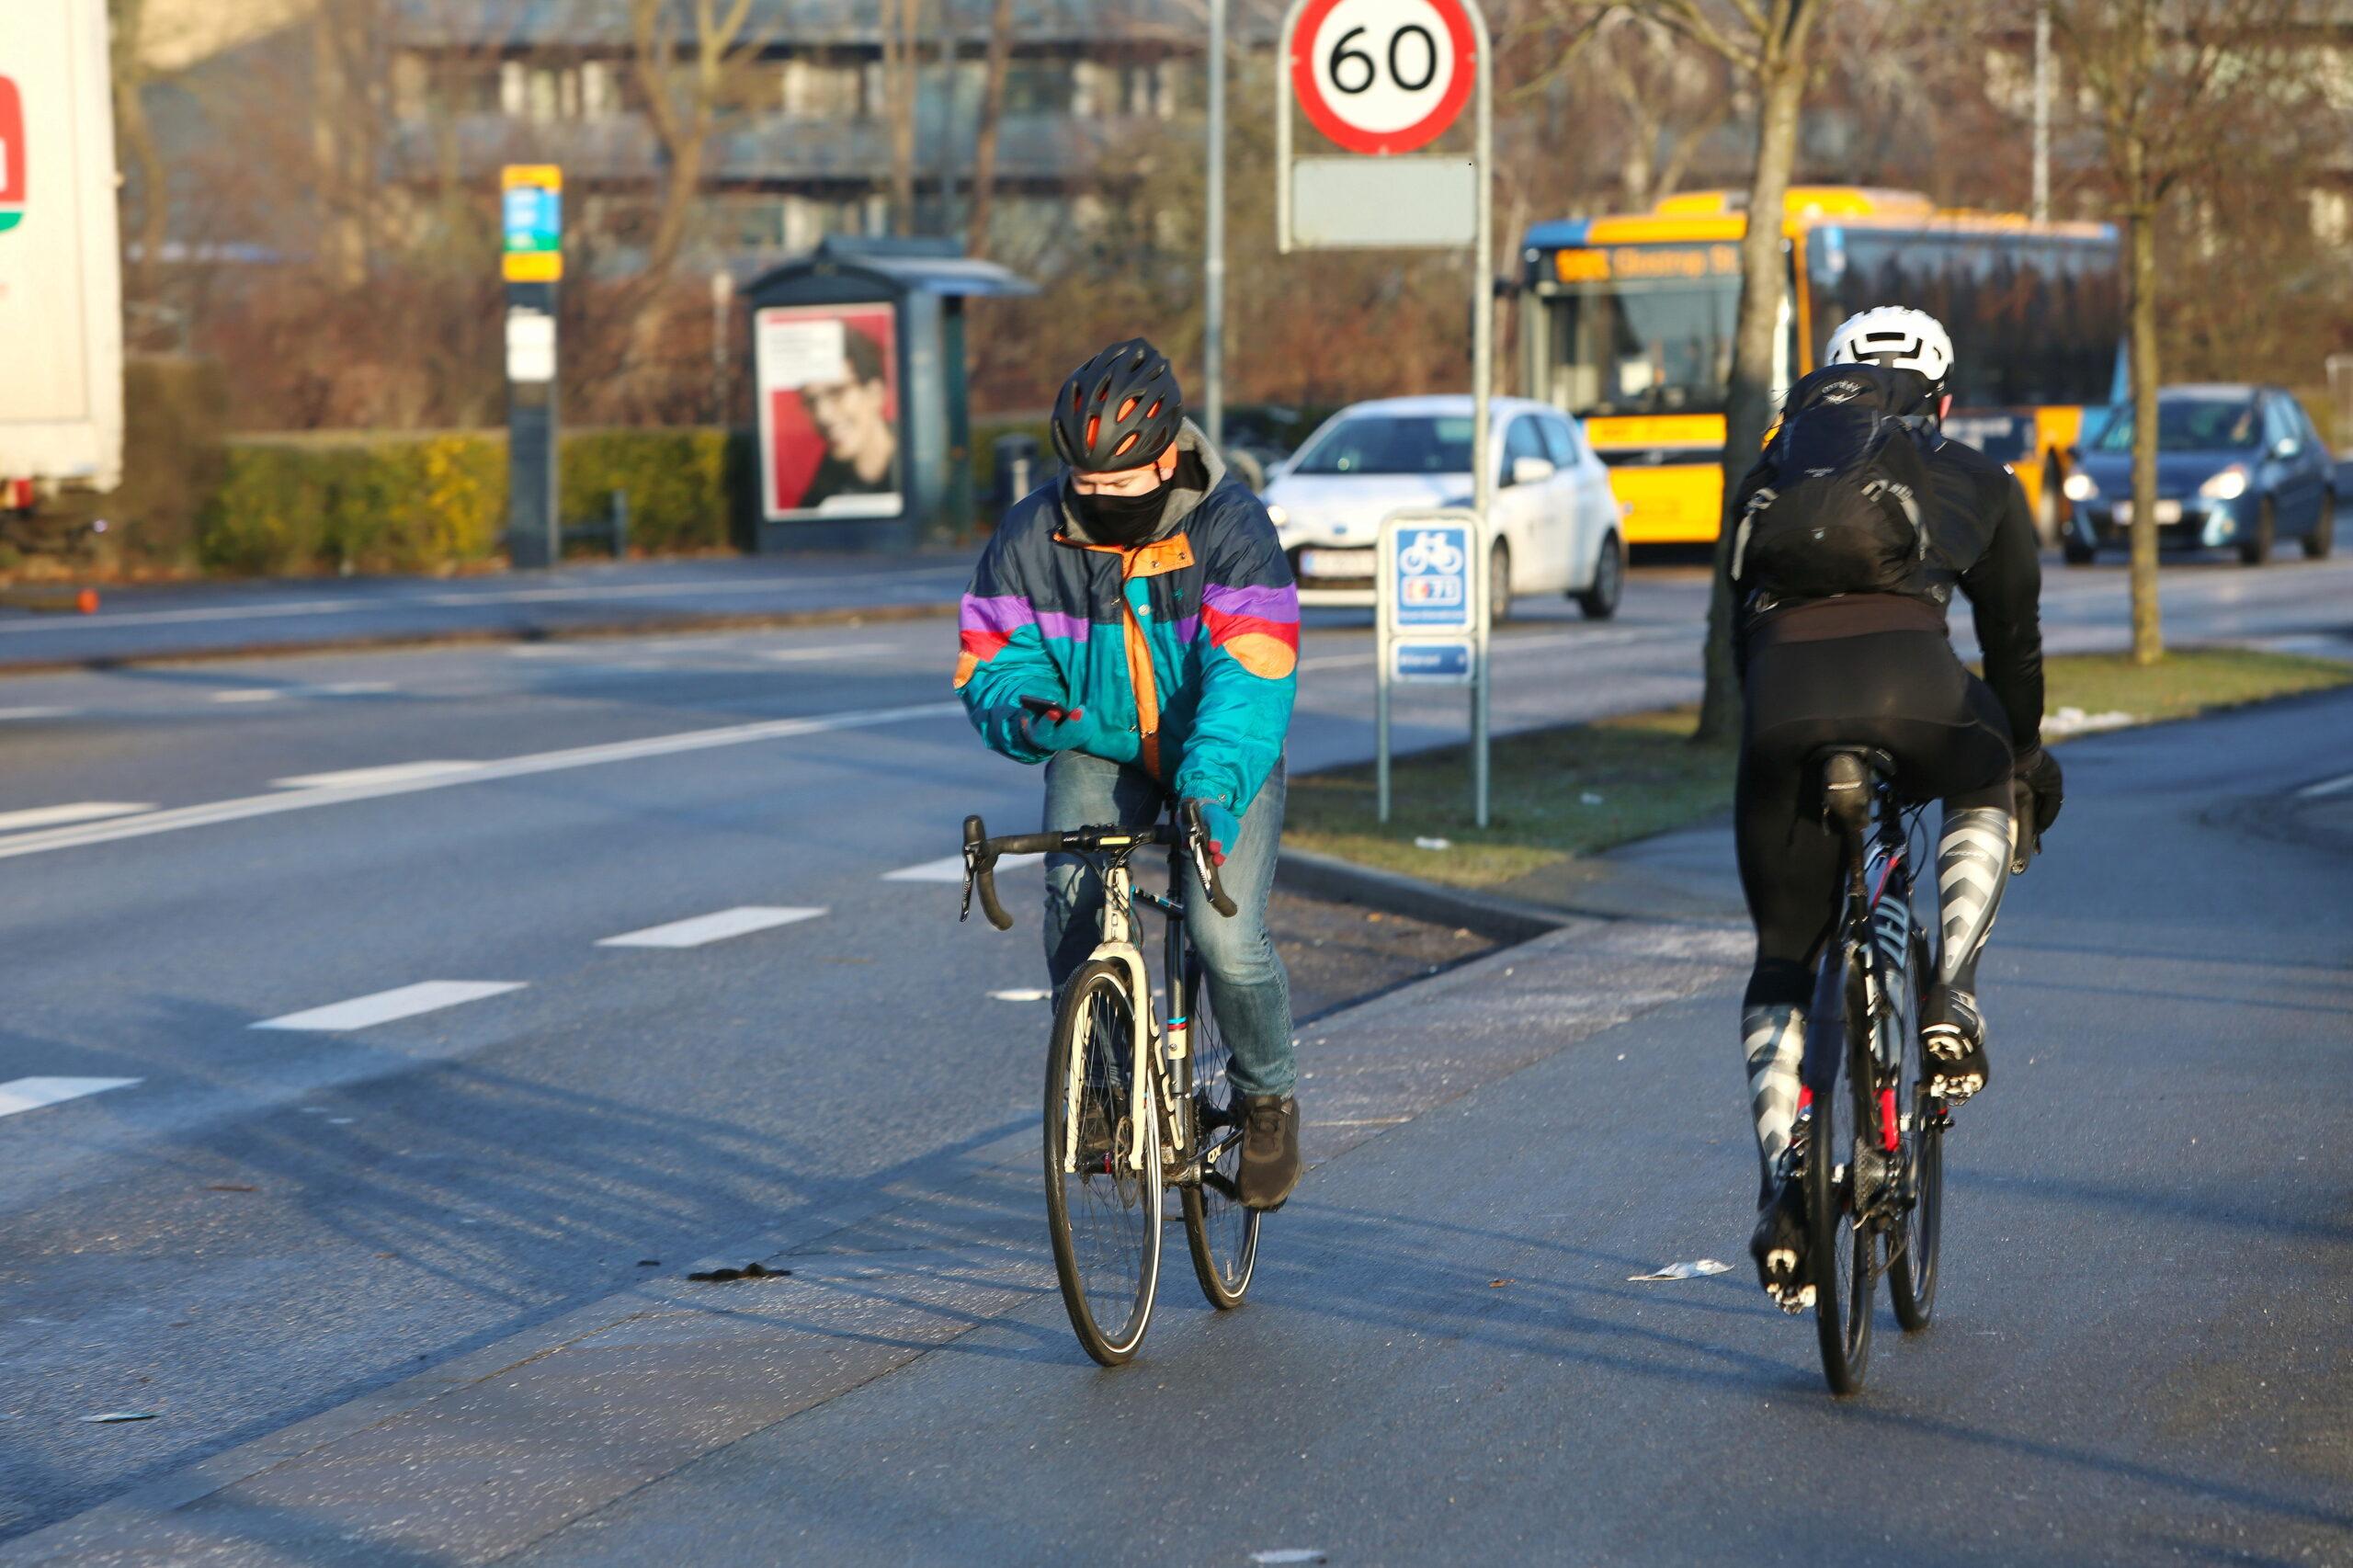 """Cykeladfærd: Vi har undersøgt adfærden blandt 23.000 cyklister i Aarhus– blandt andet, hvor mange, der cykler uden at have begge hænder på styret, hvorfor de gør det, og hvad der kendetegner cyklisterne. Det er der kommet en artikel ud af. Artiklen hedder: """"Styr på cykelstyret """"."""